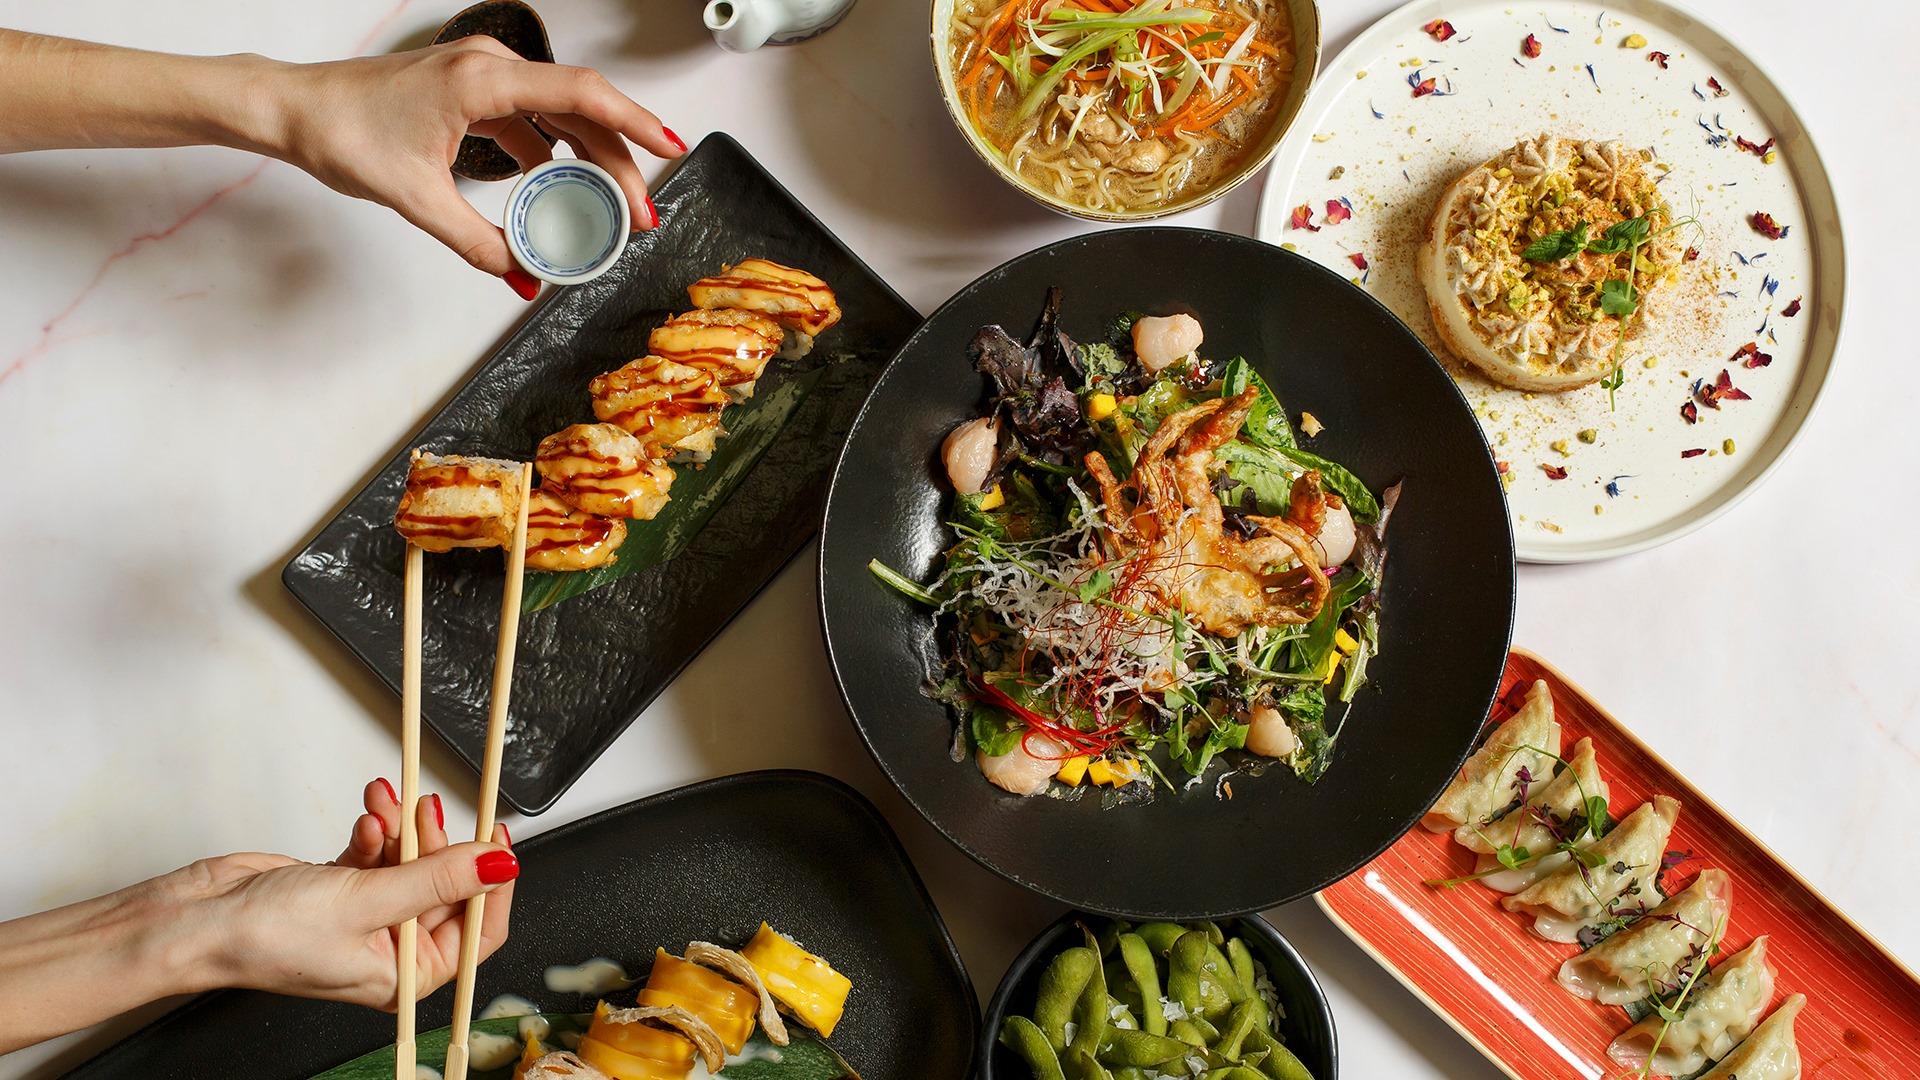 Αυτά τα λαχταριστά πιάτα Ασιατικής κουζίνας έρχονται στο σπίτι σου